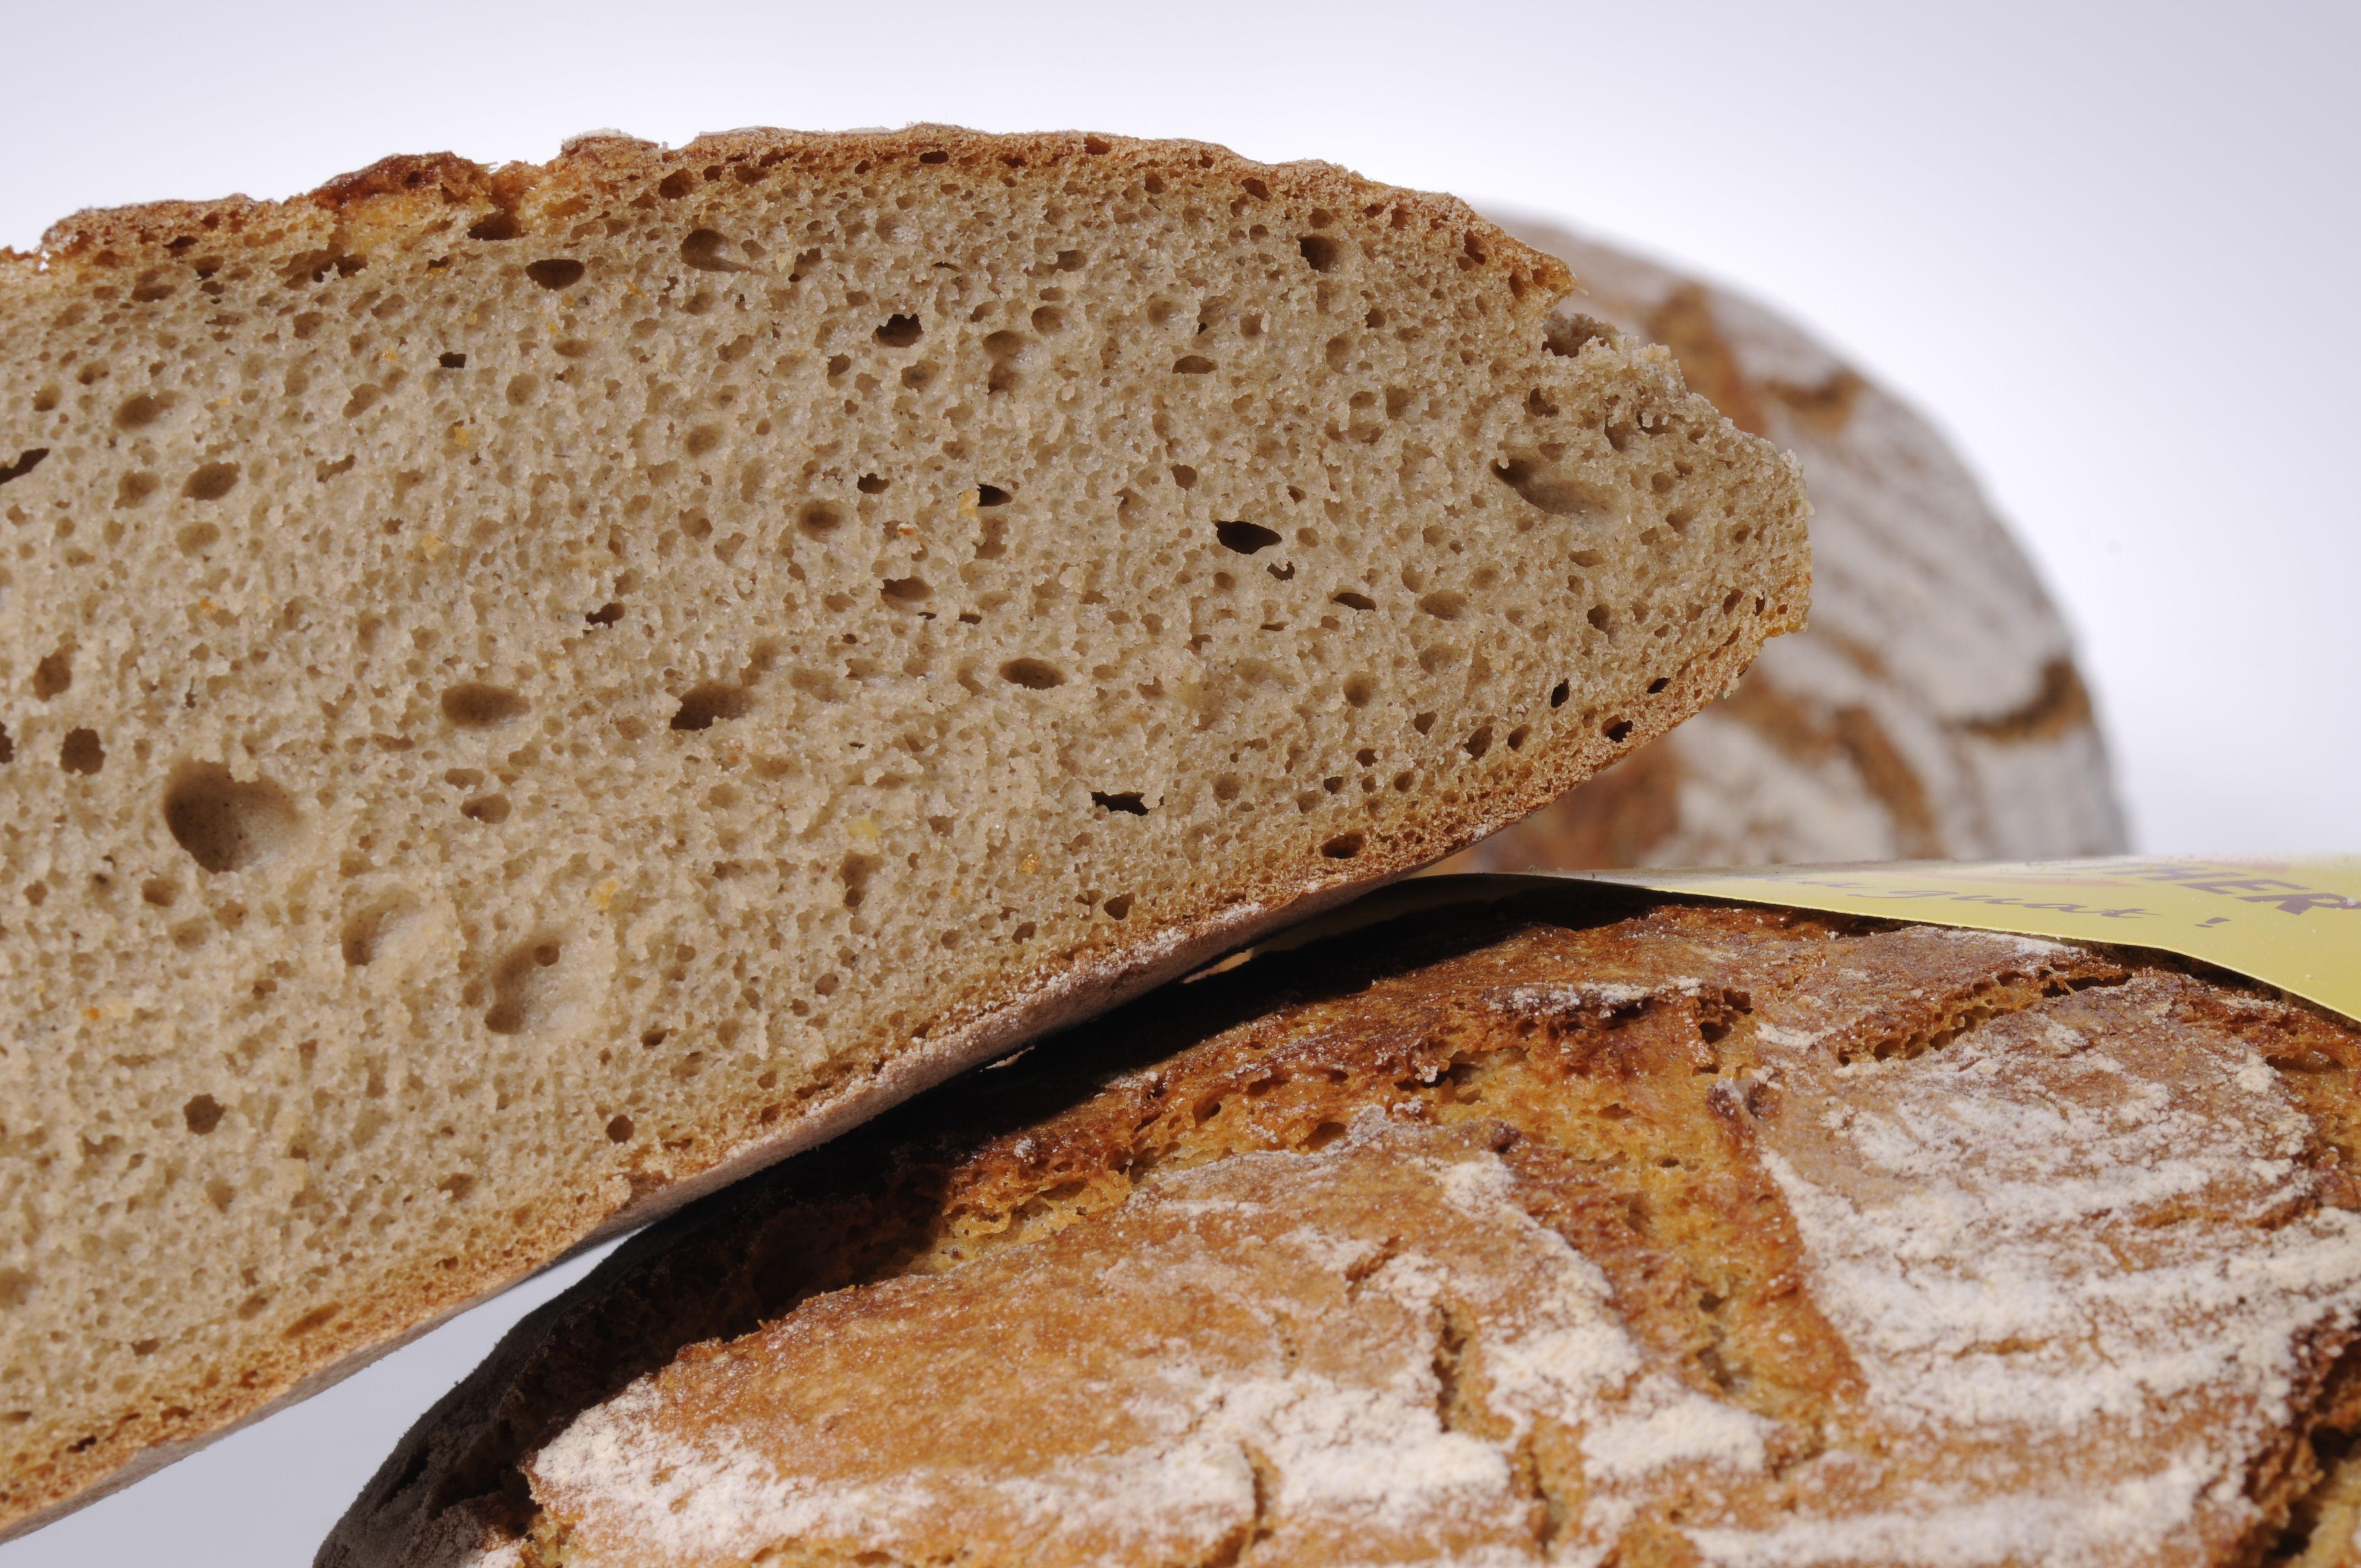 Enjoy the amazing handmade dark bread of Bäckerei Wienerroither -https://www.meisterstrasse.com/baecker-wienerroither- #meisterstrasse #mastersguild #österreich #austria #handwerk #brot #genuss #essen #kulinarik #bäckerei #food #foodie #foodporn #handmade #craftsman #craftsmanship #culinary #enjoy #lifestyle